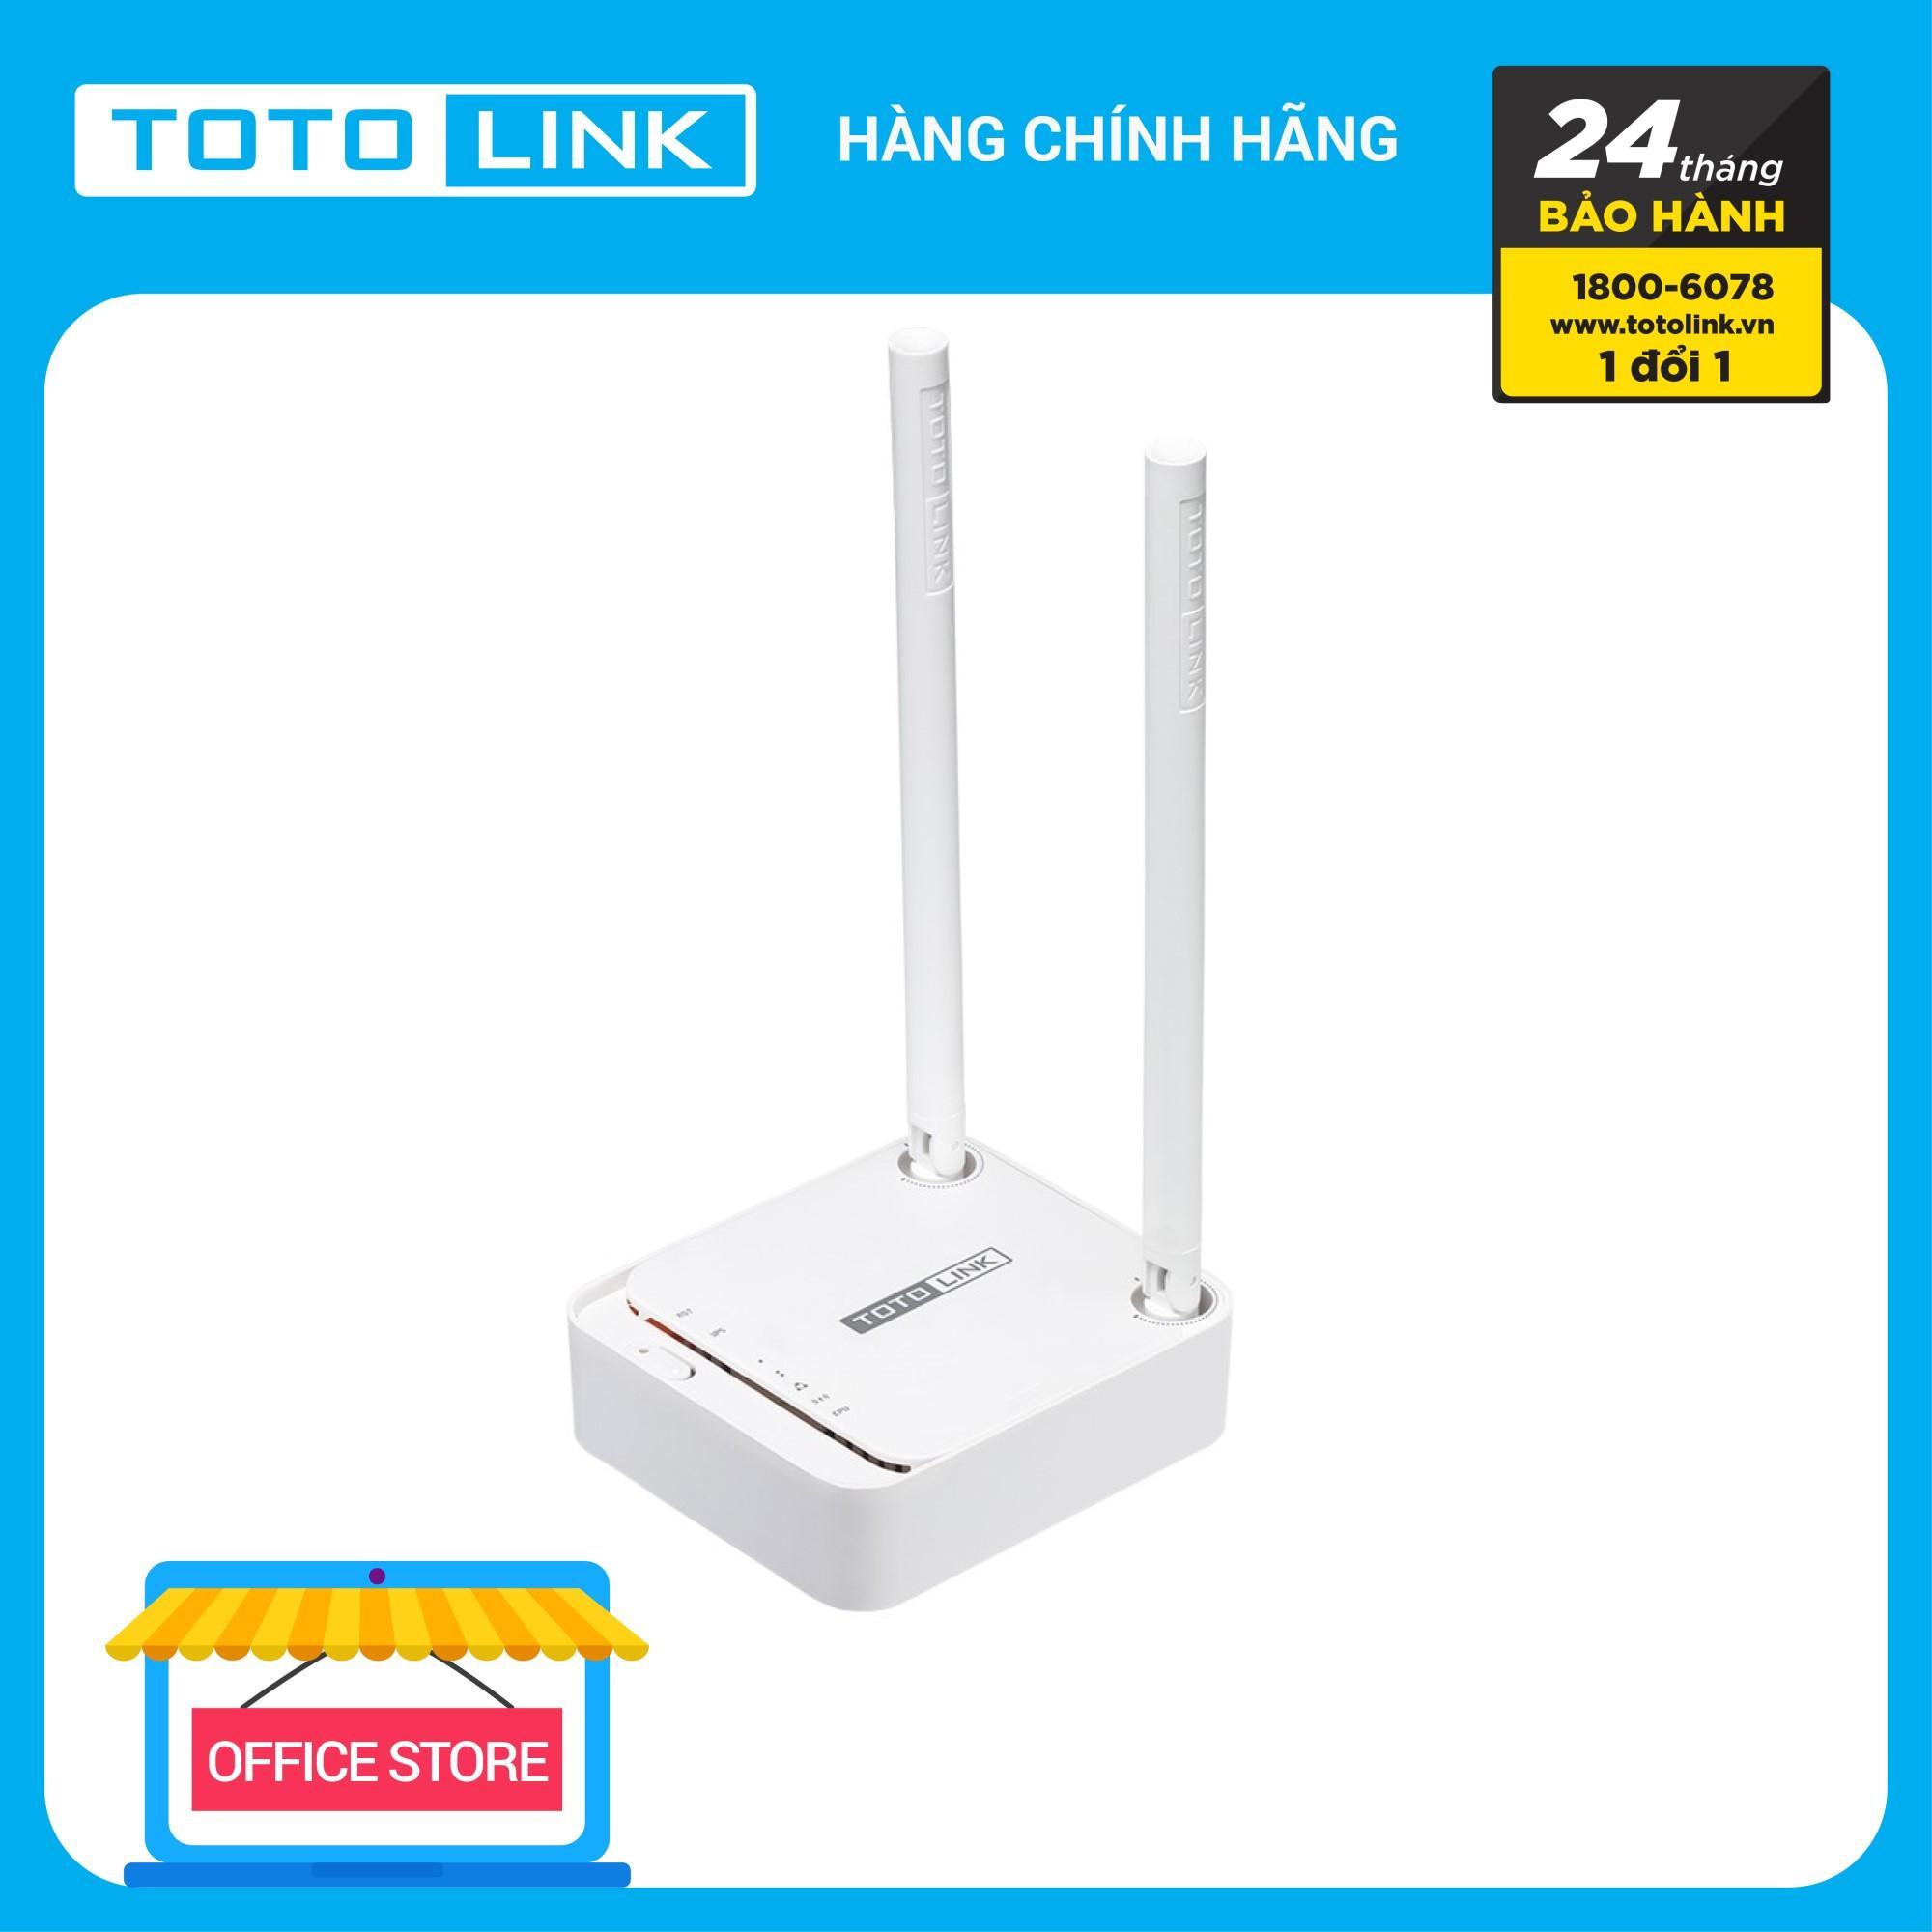 Mini Router Wi-Fi Chuẩn N 300Mpbs -  N200RE-V3 - TOTOLINK Đang Có Giảm Giá